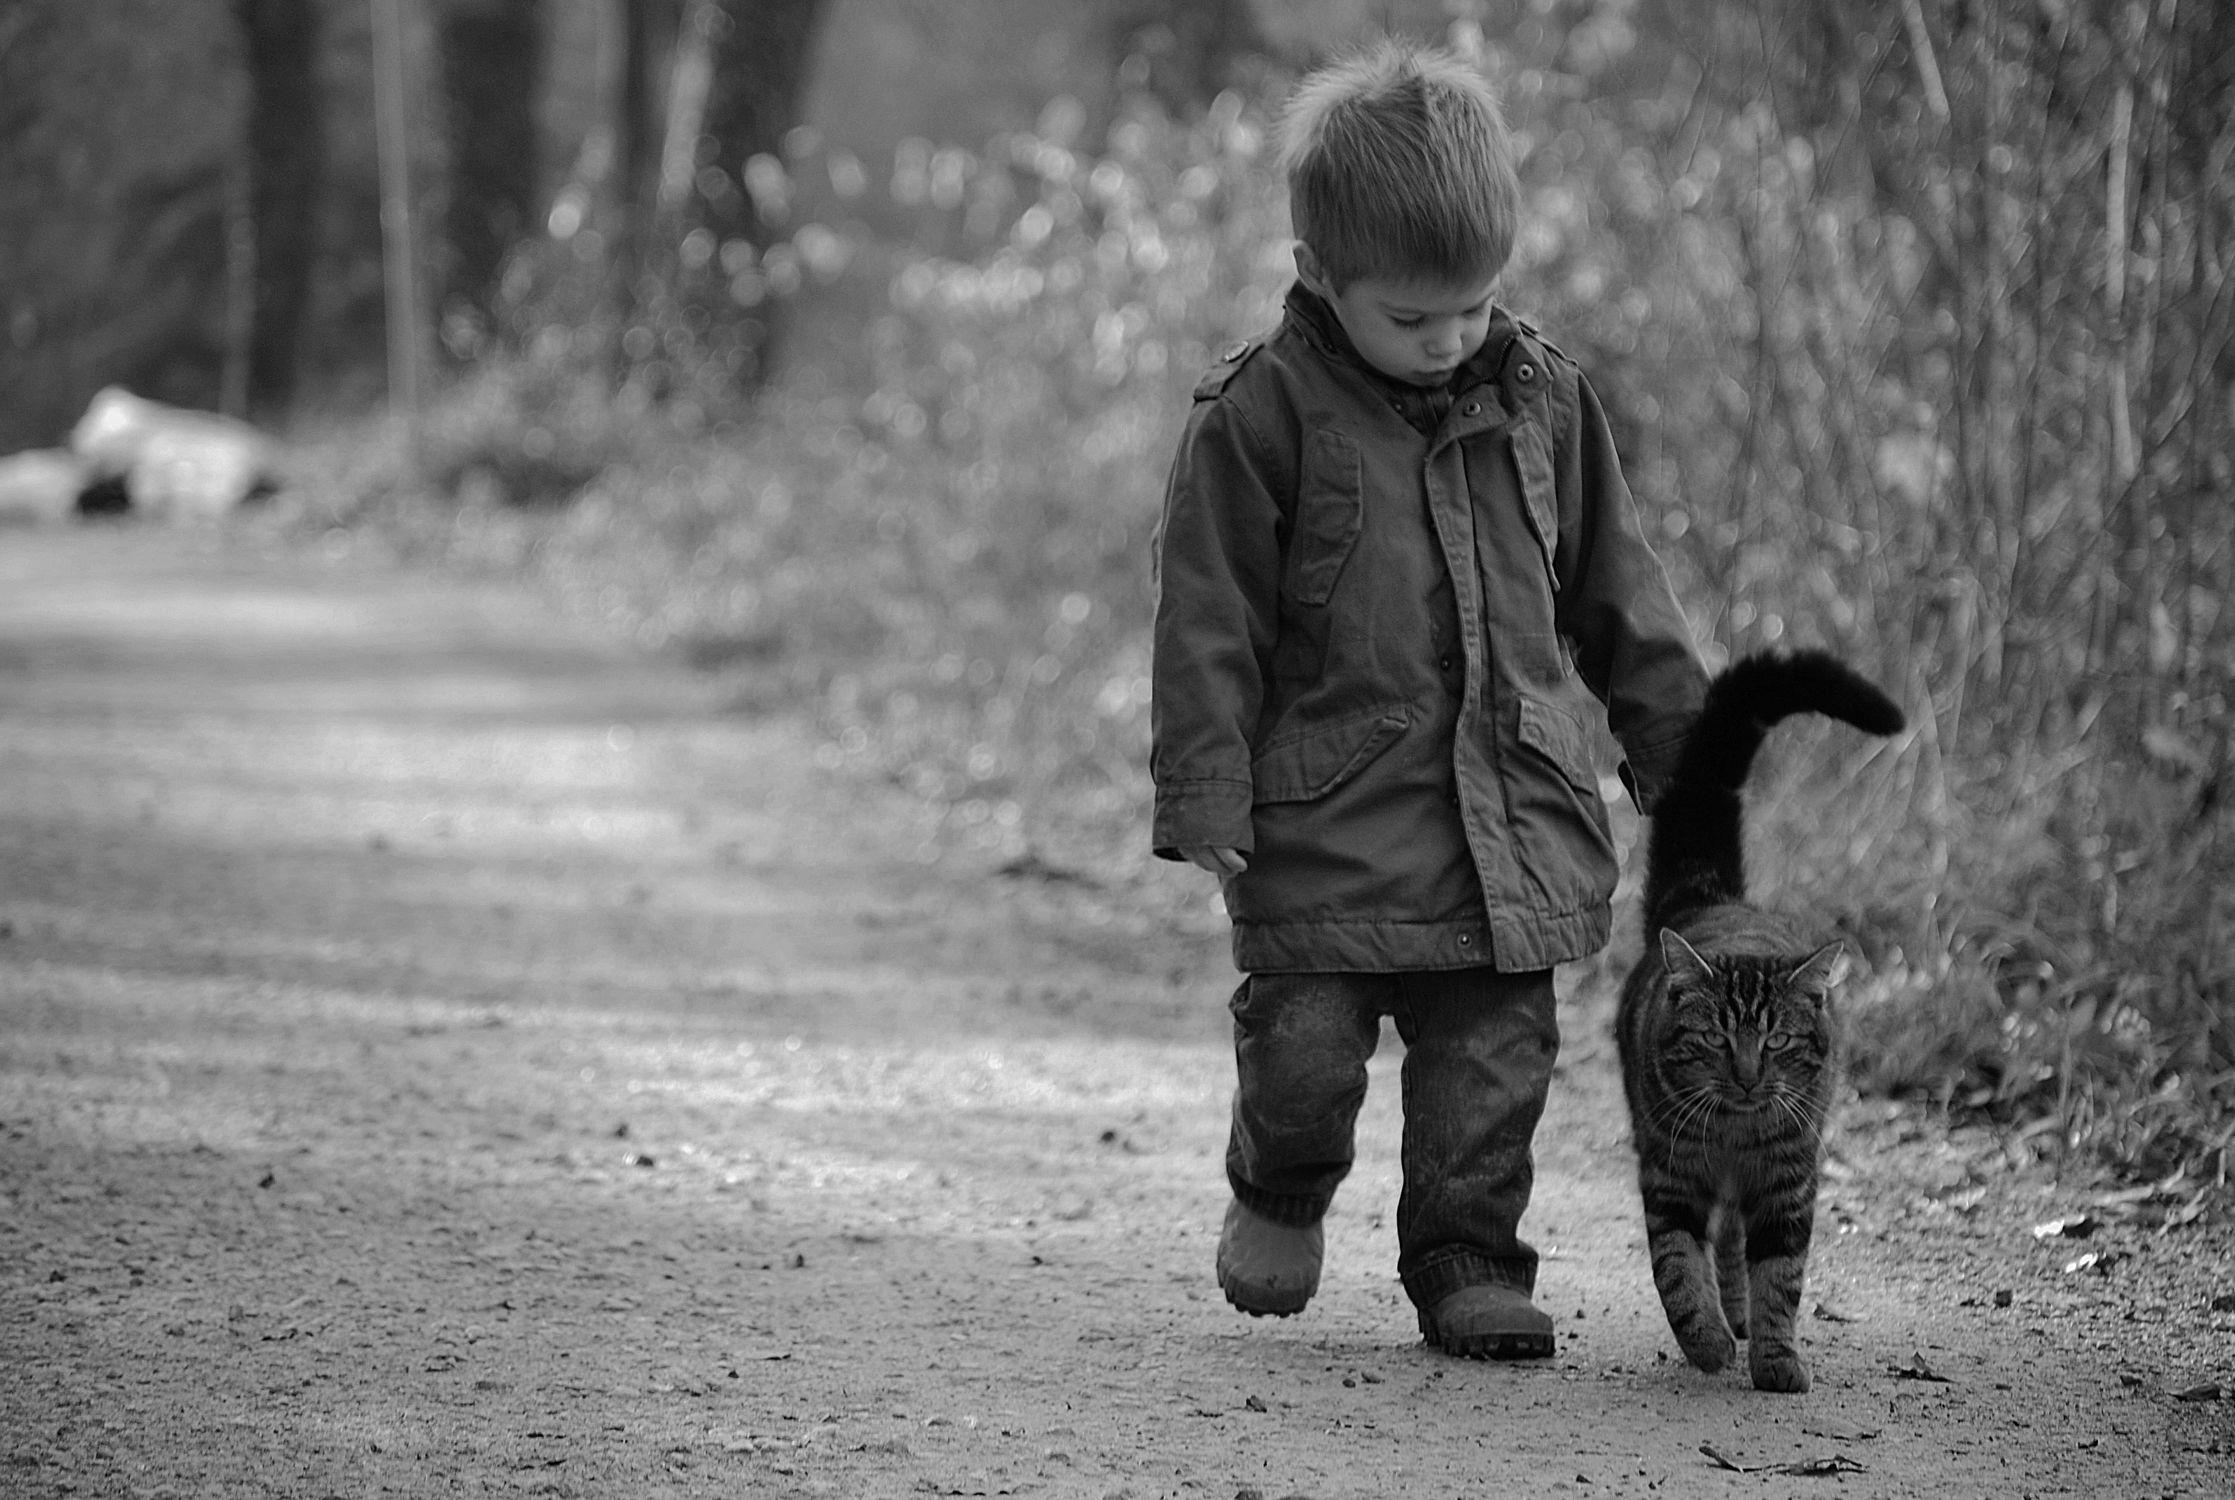 Bild mit Gehwege, Weg, Kinderzimmer, Kinder, Kind, Katze, Katze, Katzenbilder, child, schwarz weiß, kid